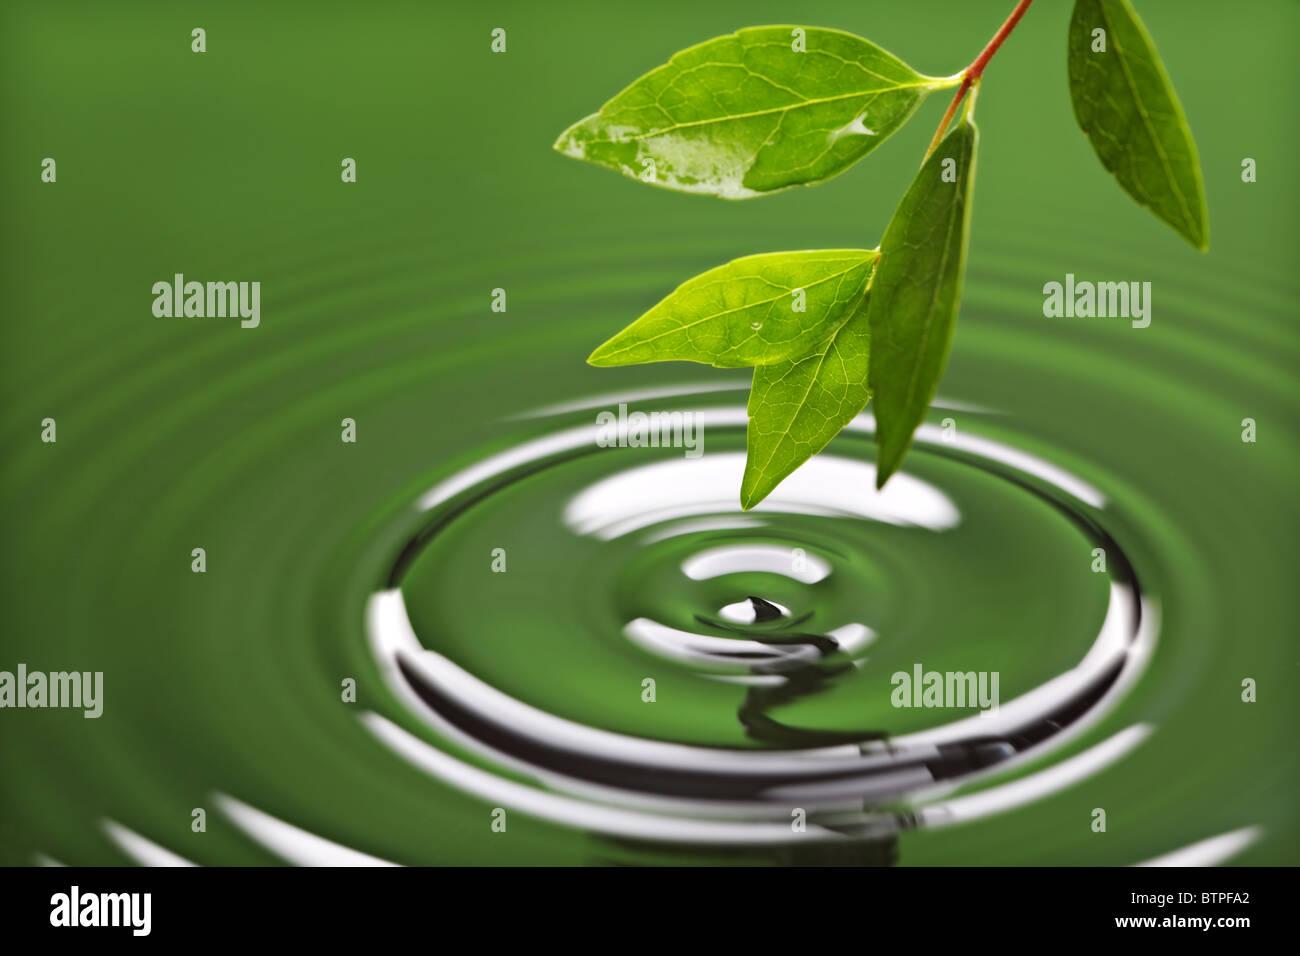 Ondulation de l'eau avec la feuille verte Photo Stock